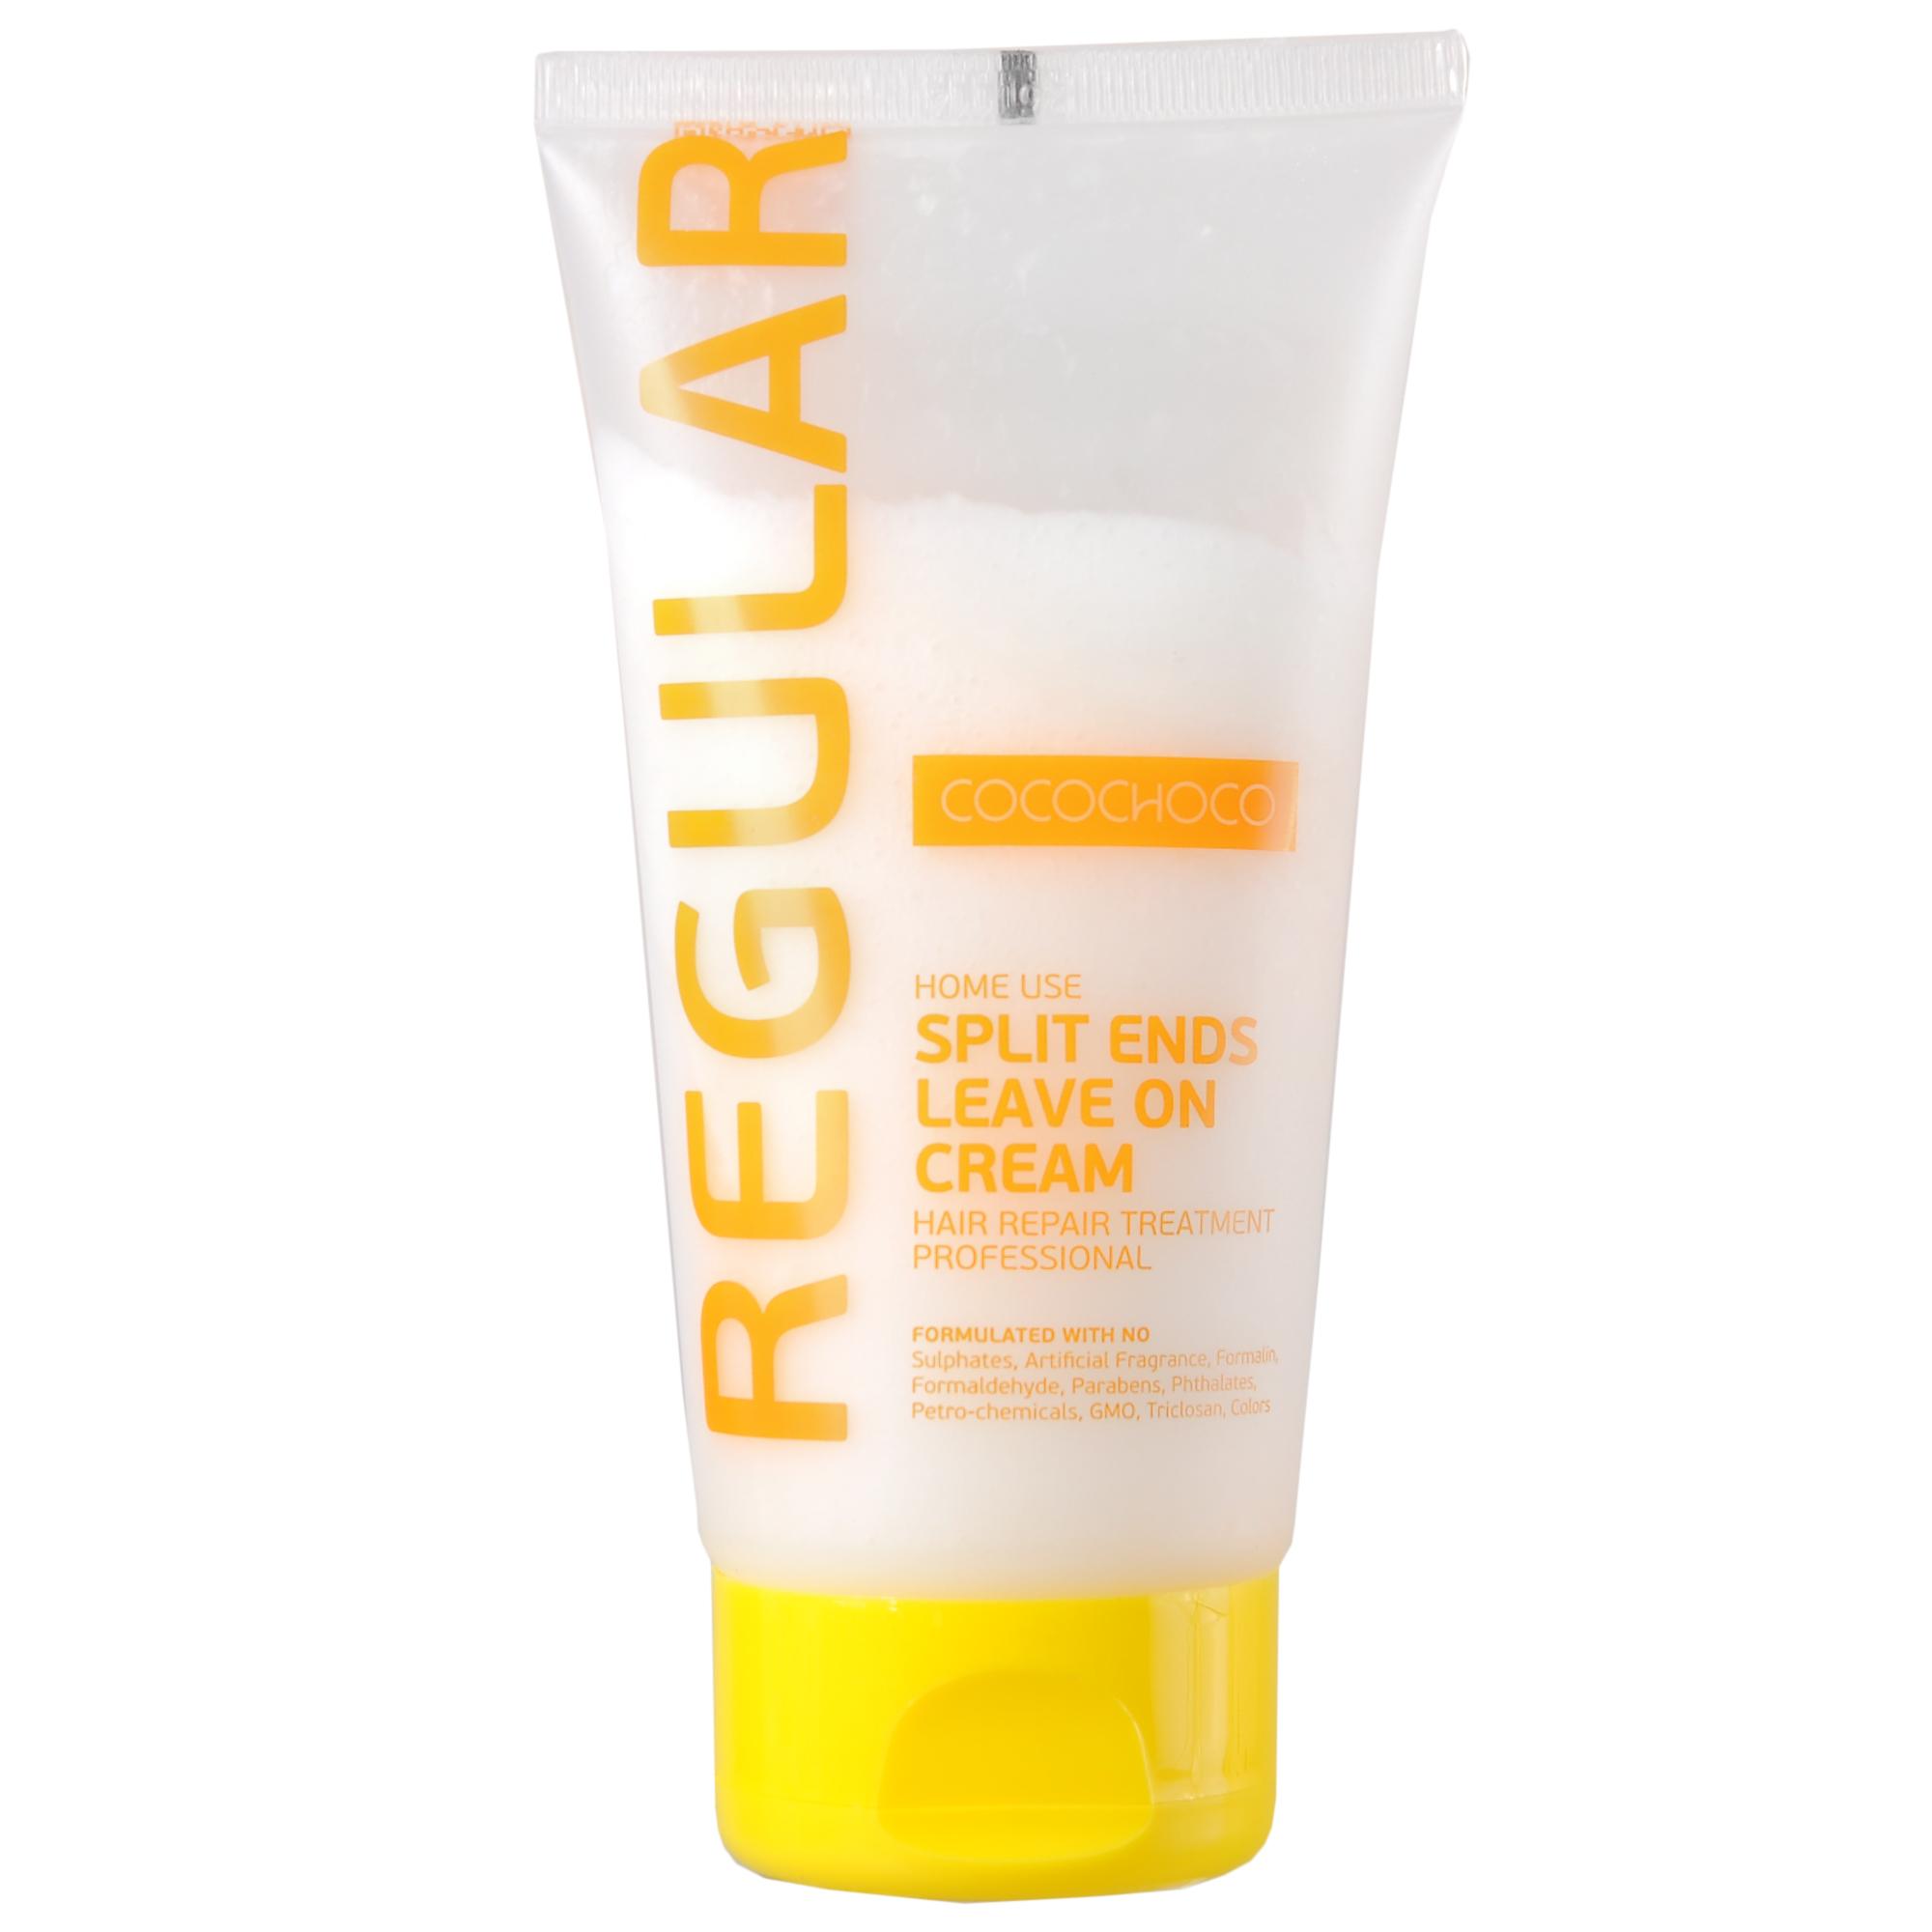 COCOCHOCO Крем для секущихся кончиков / REGULAR 150 млКремы<br>Средство для устранения секущихся кончиков Cocochoco Split Ends Leave on Cream - восполняет рассеченные кончики питательными веществами и витаминами. Восстанавливает и уплотняет структуру волос, предотвращая дальнейшее сечение. Поддерживает эффект кератинового восстановления волос. Активные ингредиенты: смягчение (масла): аргана. Питание (экстракты): сверция японская, лопух, овес, алоэ. Восстановление (аминокислоты): гиалуроновая кислота, альгинаты, пантенол D-5, токоферил ацетат (витамин Е). Уплотнение (протеины): протеин пшеницы, натуральный кератин, протеин сои, молочный казеин. Текстура: глицерид мускатного ореха, силанетриол, феноксиэтанол, бензиловый спирт, гидролизованный крахмал, триглицерид каприловой кислоты Способ применения: выдавите небольшое количество крема на ладонь и разотрите, нанесите на вымытые влажные волосы от середины длины до кончиков. Не смывайте. При попадании в глаза тщательно промойте их водой.<br><br>Объем: 150 мл<br>Назначение: Секущиеся кончики